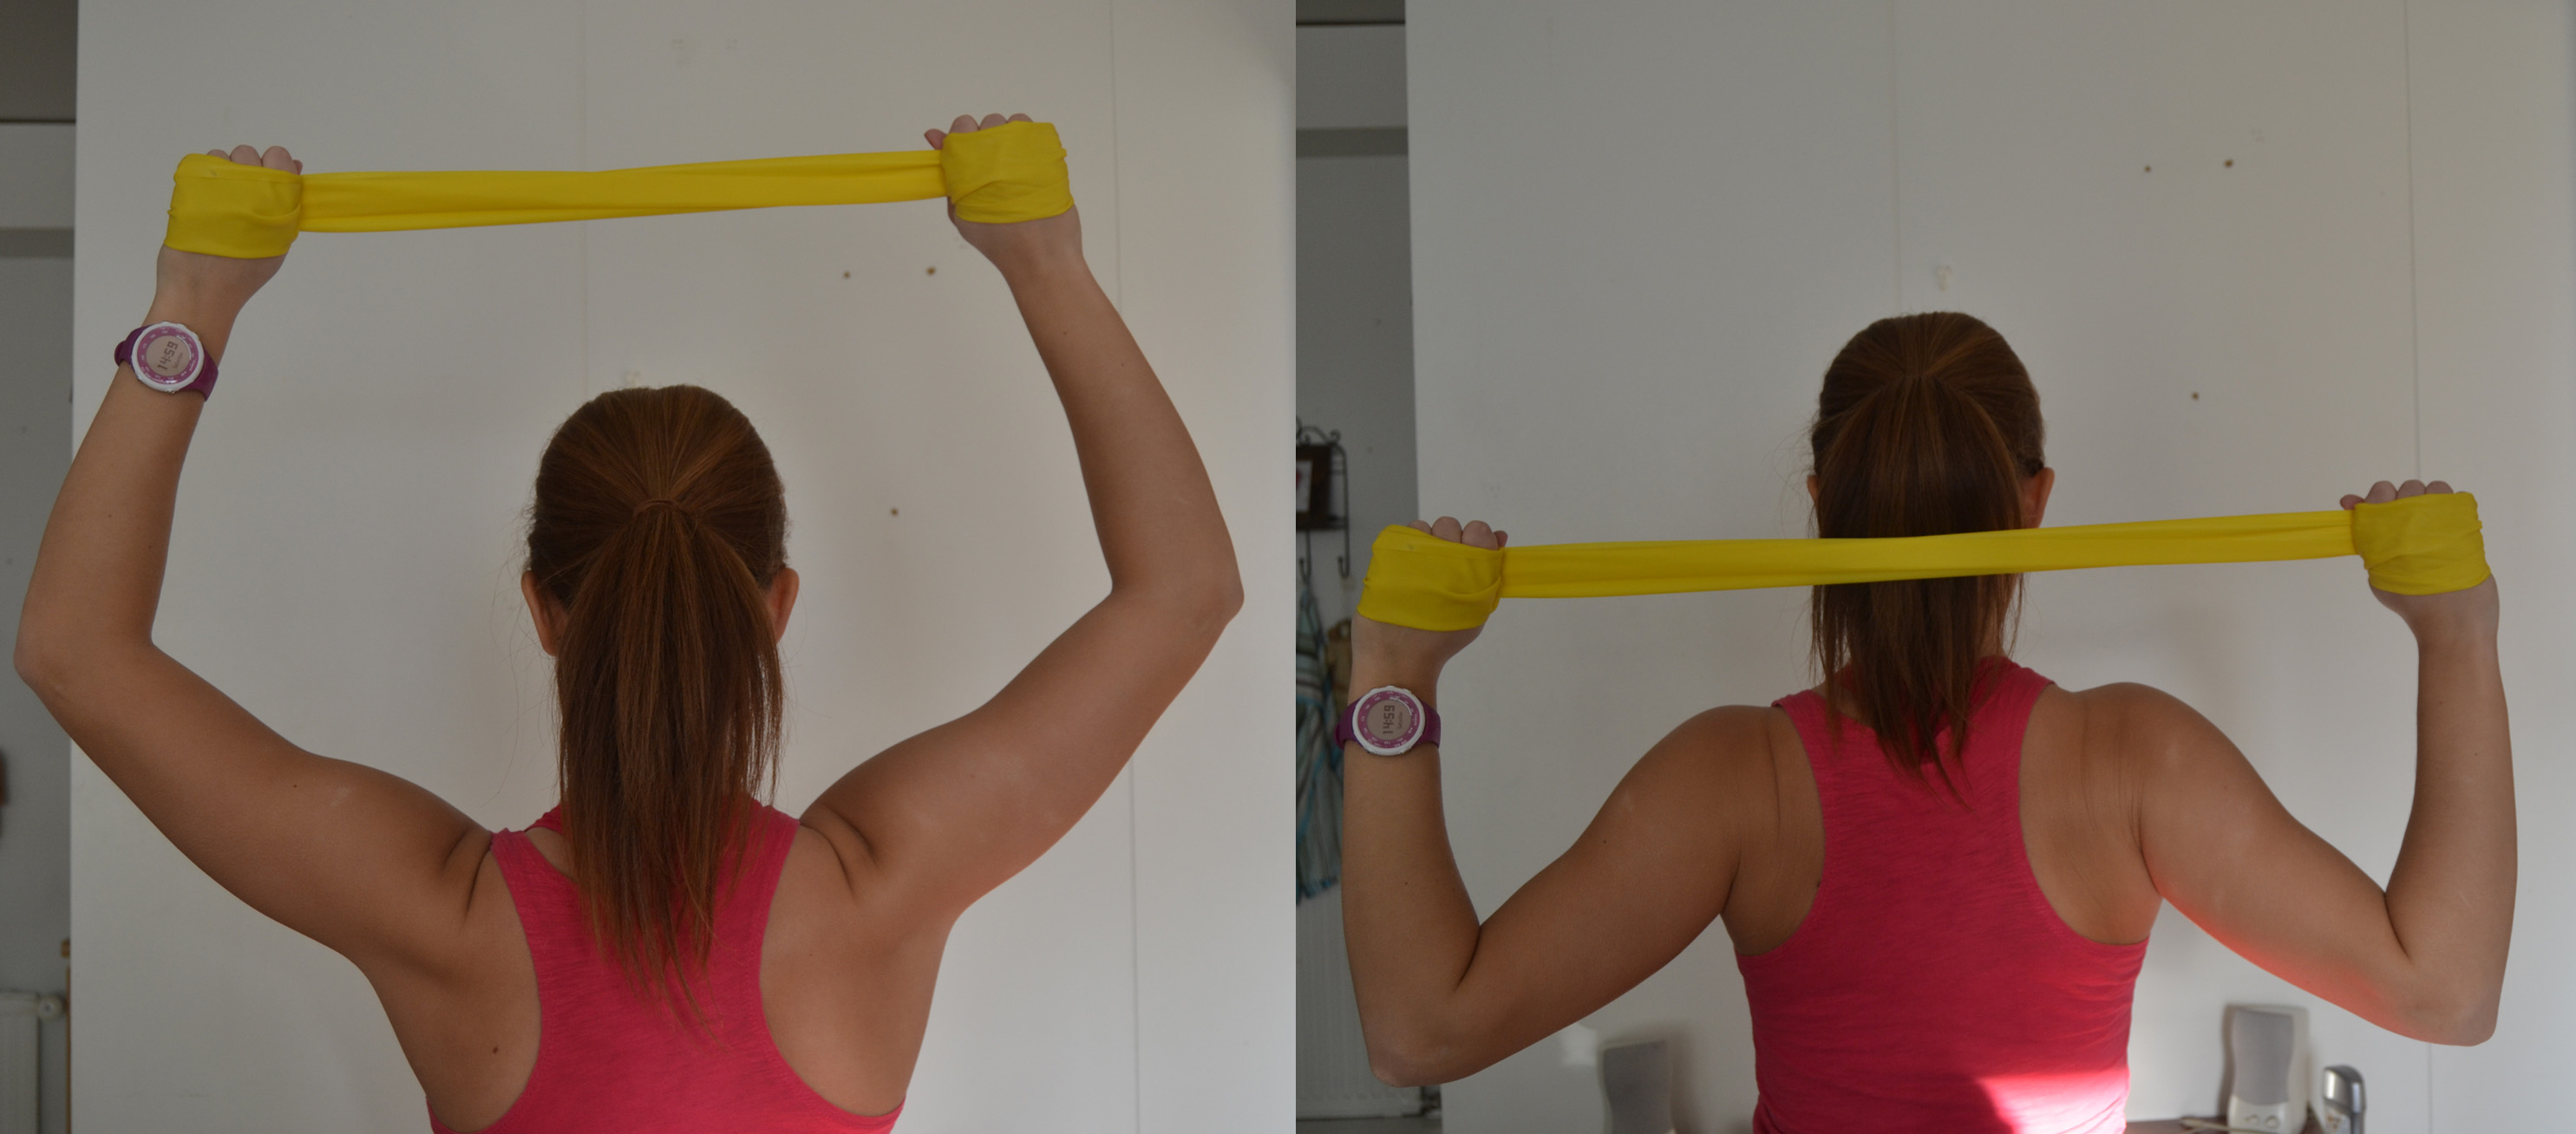 ont i nacken efter träning